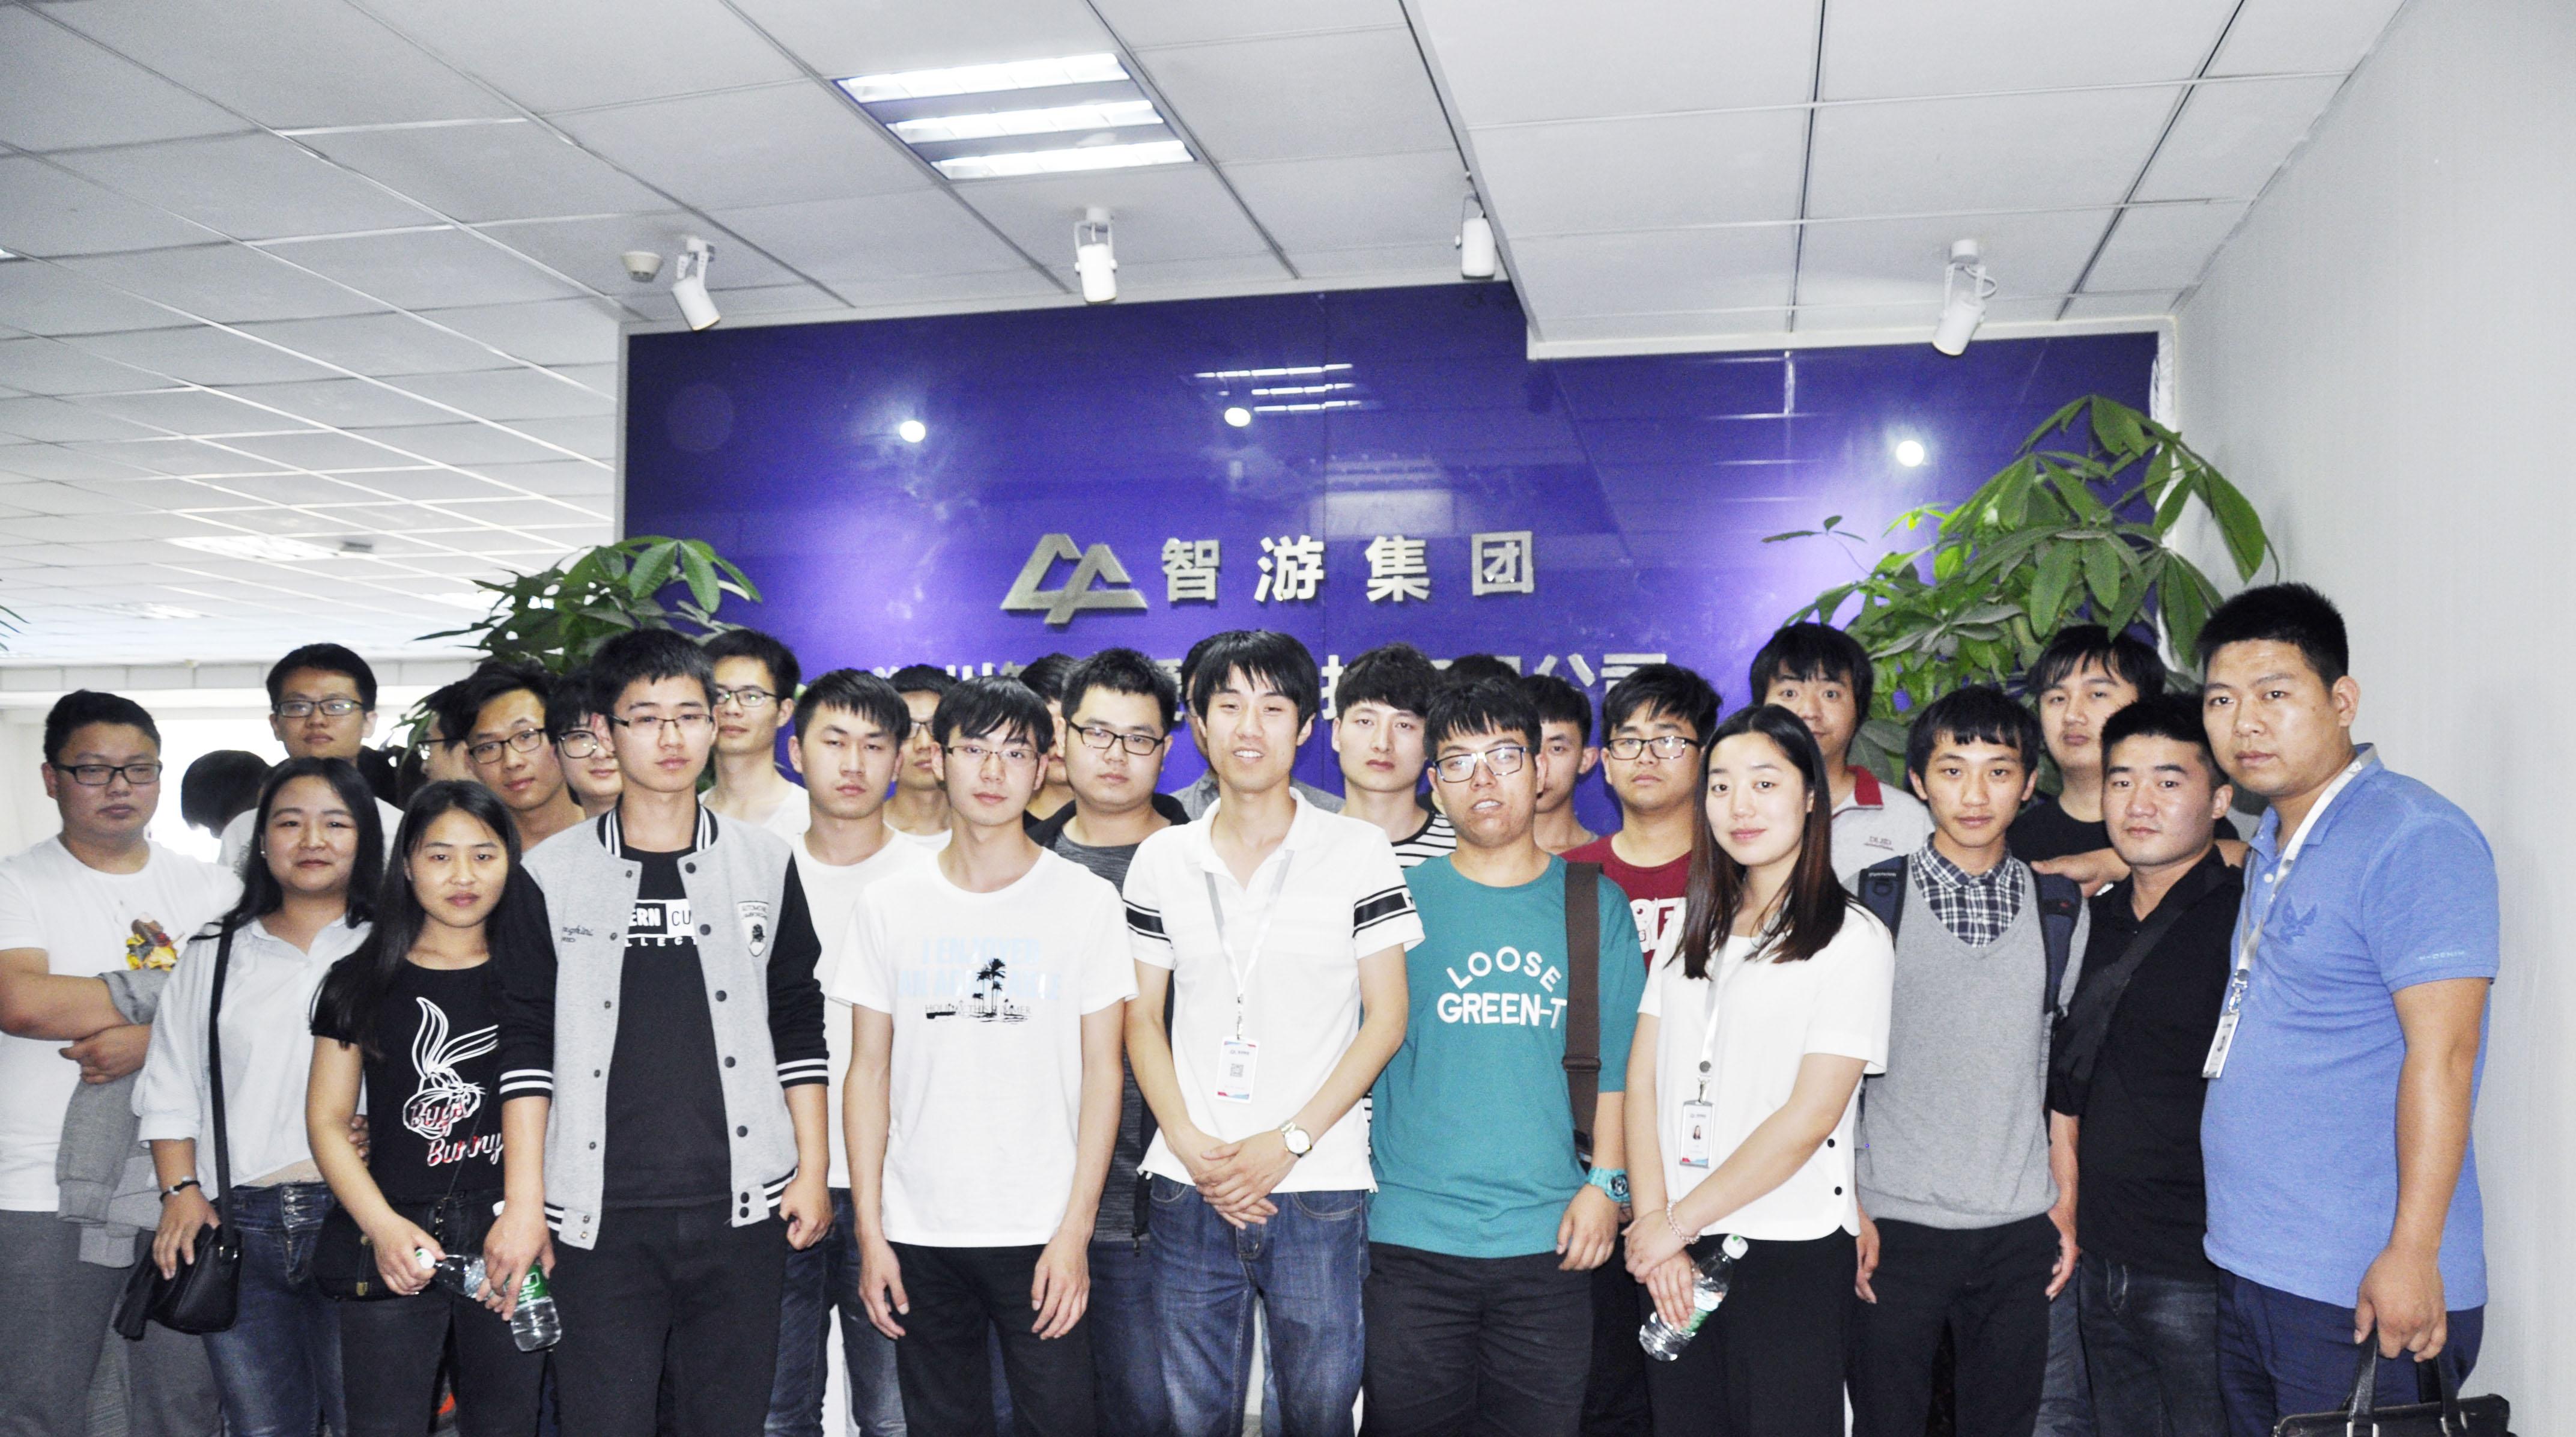 欢迎南阳理工软件工程学院同学来智游参观